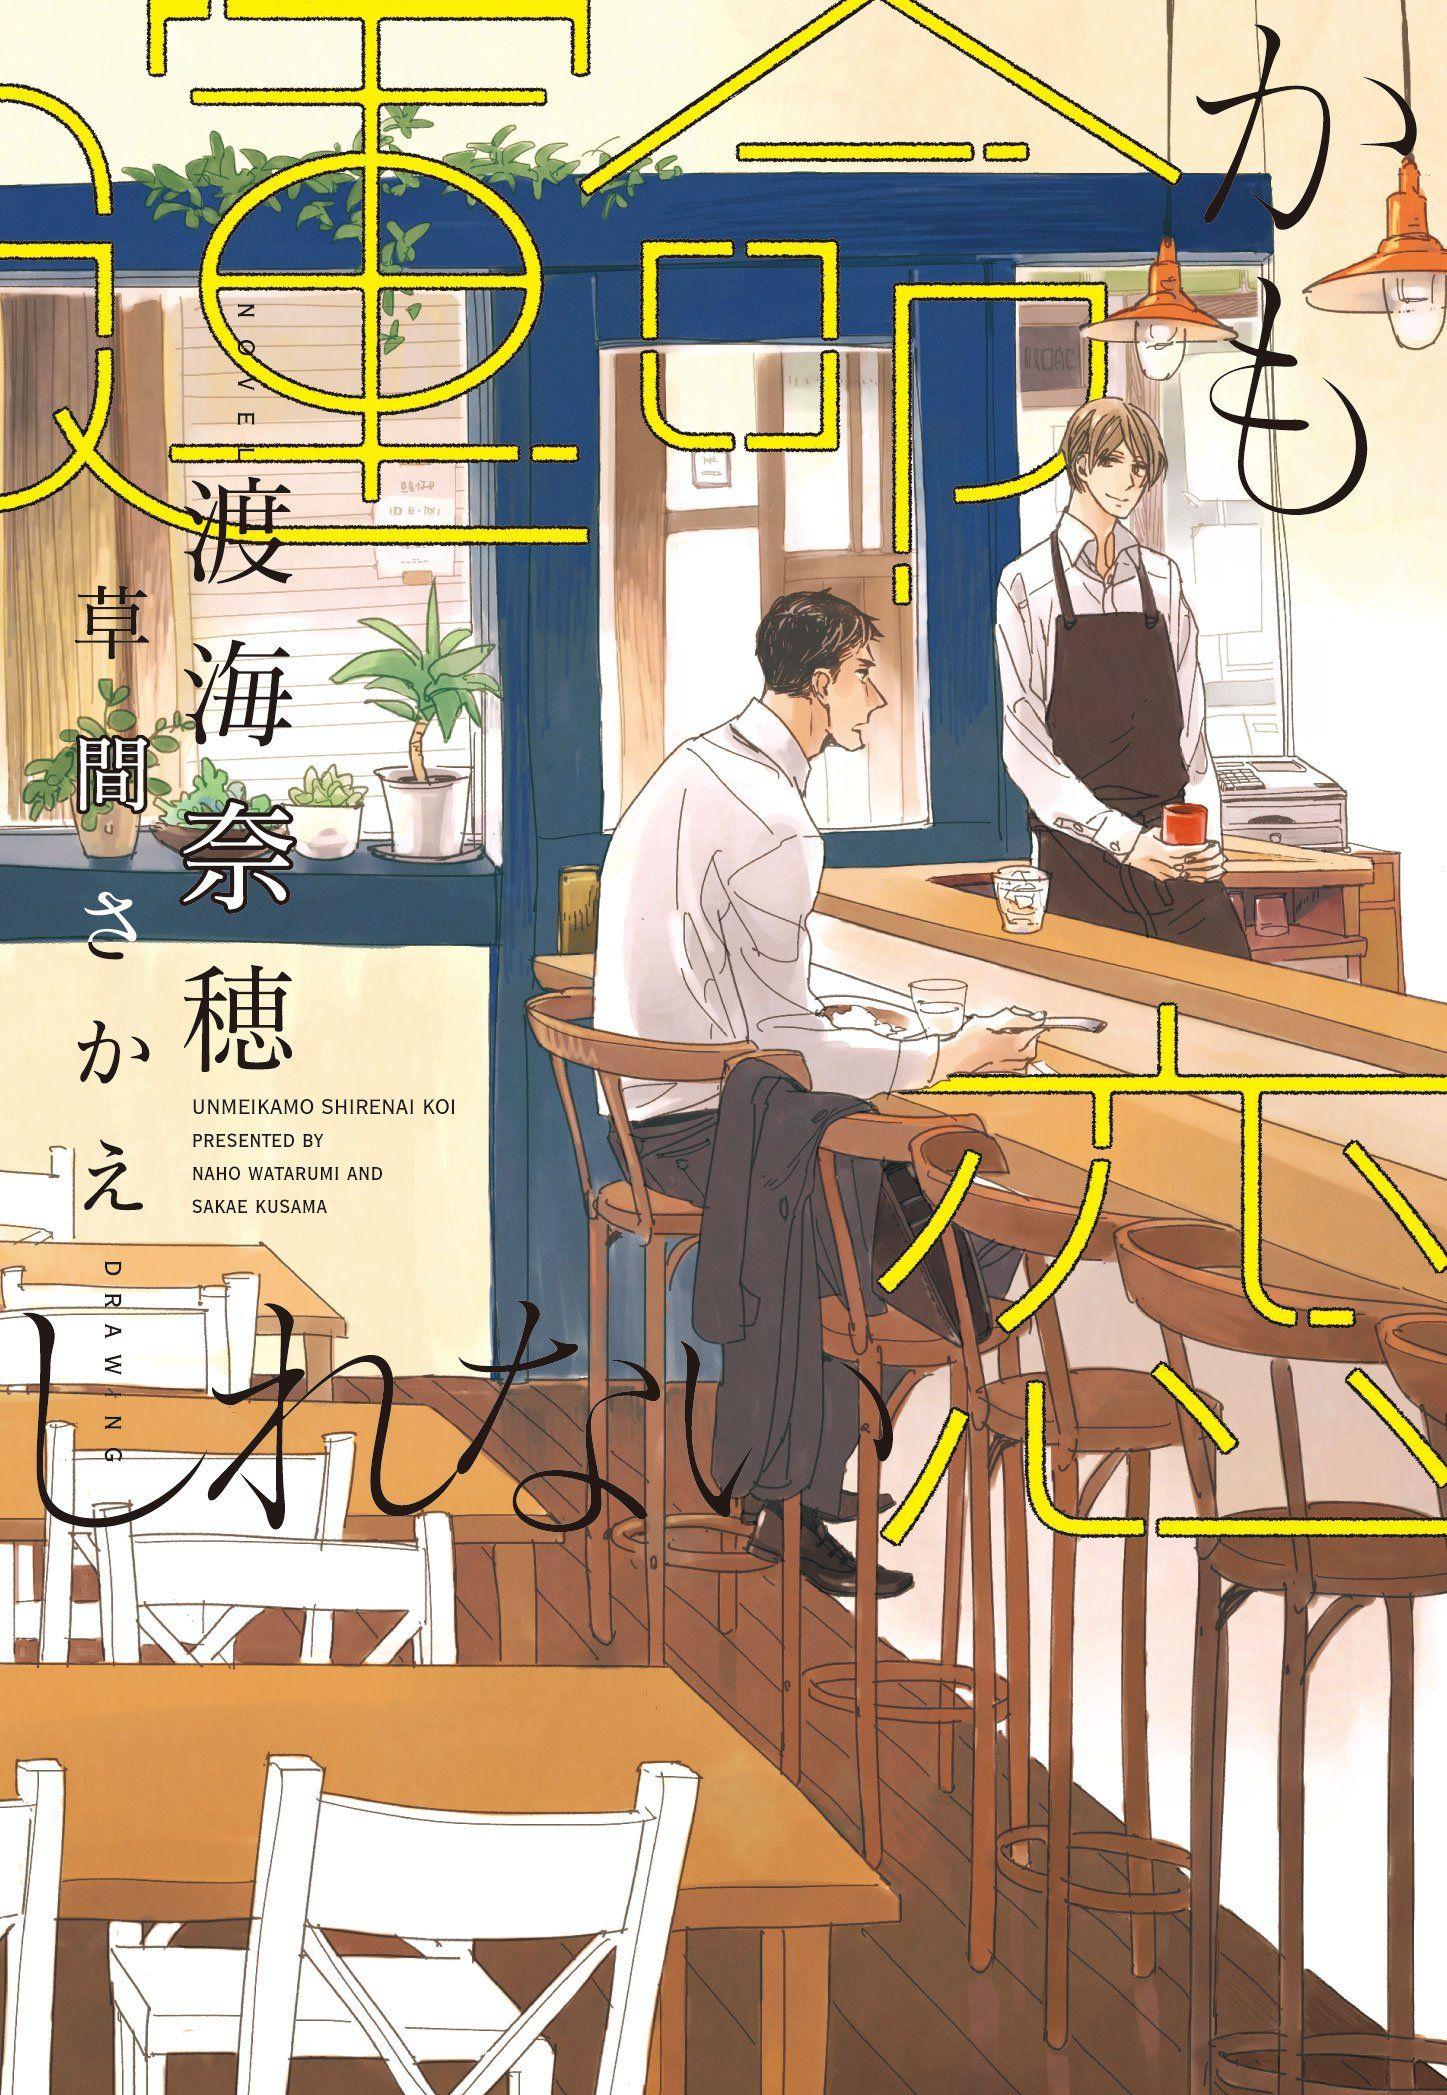 Amazon.co.jp: 運命かもしれない恋 (ディアプラス文庫): 渡海 奈穂, 草間 さかえ: 本